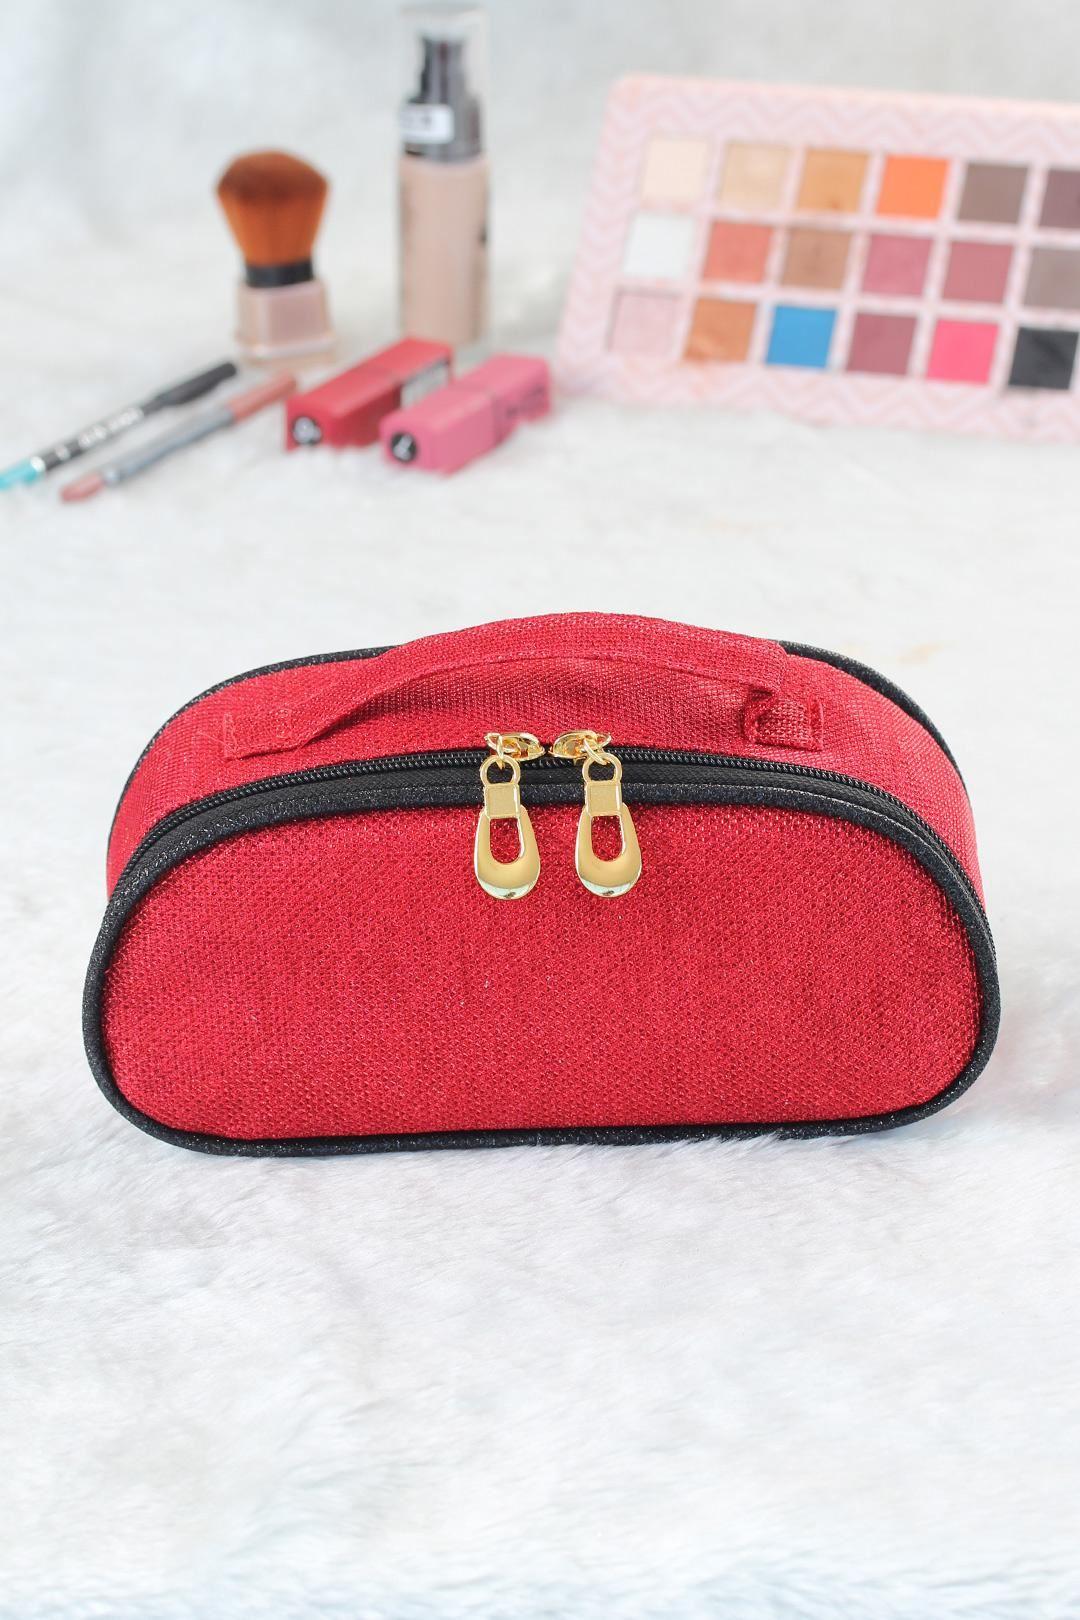 Simli Kırmızı Renk Makyaj Çantası